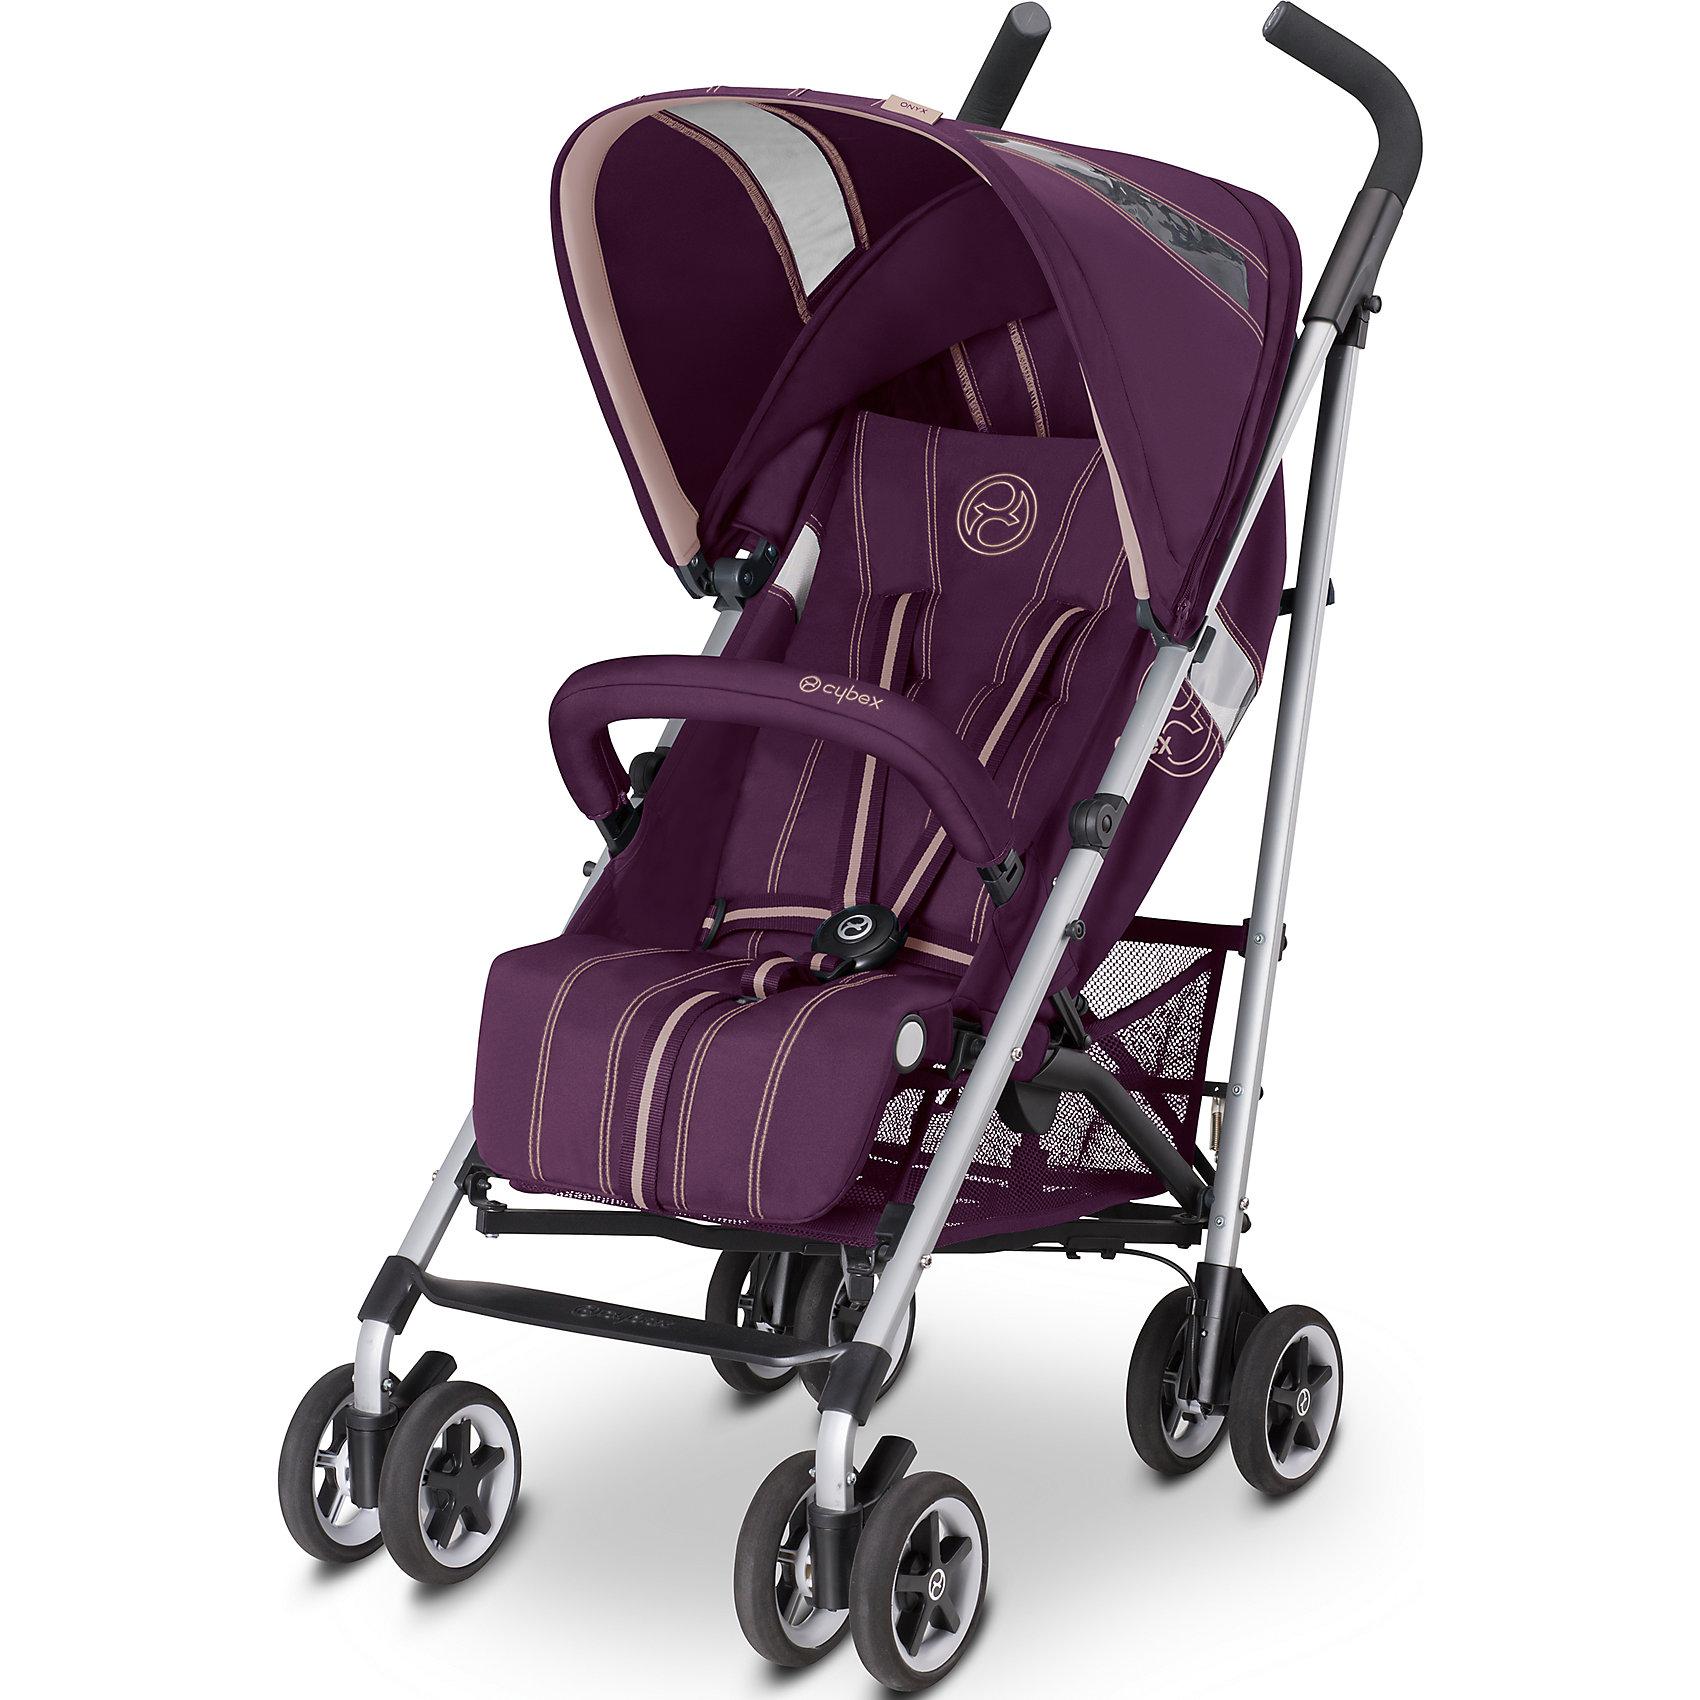 Коляска-трость Onyx Princess, Cybex, розовый 2016Cybex Onyx - это легкая и маневренная коляска-трость, которая просто идеально подходит для прогулок по городу, удобна в магазине или в общественном транспорте, а также во время путешествий и поездок на автомобиле. Коляска легко складывается и раскладывается. Подходит для детей с 6 месяцев и примерно до 3 лет. <br><br>Особенности:<br>- 4 положения спинки. Спинка откидывается почти горизонтально, что очень удобно для малыша во время сна на прогулке (170?)<br>- 5-ти точечные ремни безопасности с запатентованной системой натяжения ремней одним нажатием обеспечат вашему малышу надежную защиту;<br>- Обивка выполнена из дышащих материалов, летом коляска хорошо вентилируется, что сделает прогулку малыша еще комфортнее;<br>- Есть съемный бампер (перекладина безопасности перед ребенком);<br>- Внушительный капюшон будет отличной защитой малышу от солнца;<br>- Прочный силиконовый дождевик, который идет в комплекте, надежно укроет вашего ребенка от дождя;<br>- Смотровое окошко на капюшоне дает возможность наблюдать за малышом;<br>- В капюшоне Сайбекс Оникс есть дополнительный карман для необходимых мелочей, которые должны быть под рукой;<br>- Регулируемая подножка значительно удлиняет спальное место;<br>- Удобные, эргономичной формы ручки с нескользящими накладками (ручки не регулируются);<br>- Прочная рама из 100% алюминия очень легкая, благодаря чему коляской легкой управлять и она удобна для транспортировки;<br>- 4 пары сдвоенных колес, которые изготовлены из плотной и прочной резины, а литые диски на колесах сделаны из бесшумного и морозоустойчивого пластика;<br>- Передние поворотные колеса (вращаются на 360 градусов), которые легко фиксируются, обеспечивают отличную управляемость и маневренность коляски;<br>- На задних колесах Cybex Onyx центральный тормоз, который надежно удержит коляску на месте. Также на задних колесах мягкая подвеска, которая будет сглаживать неровности на дороге;<br>для удобства переноса сложенной коляск